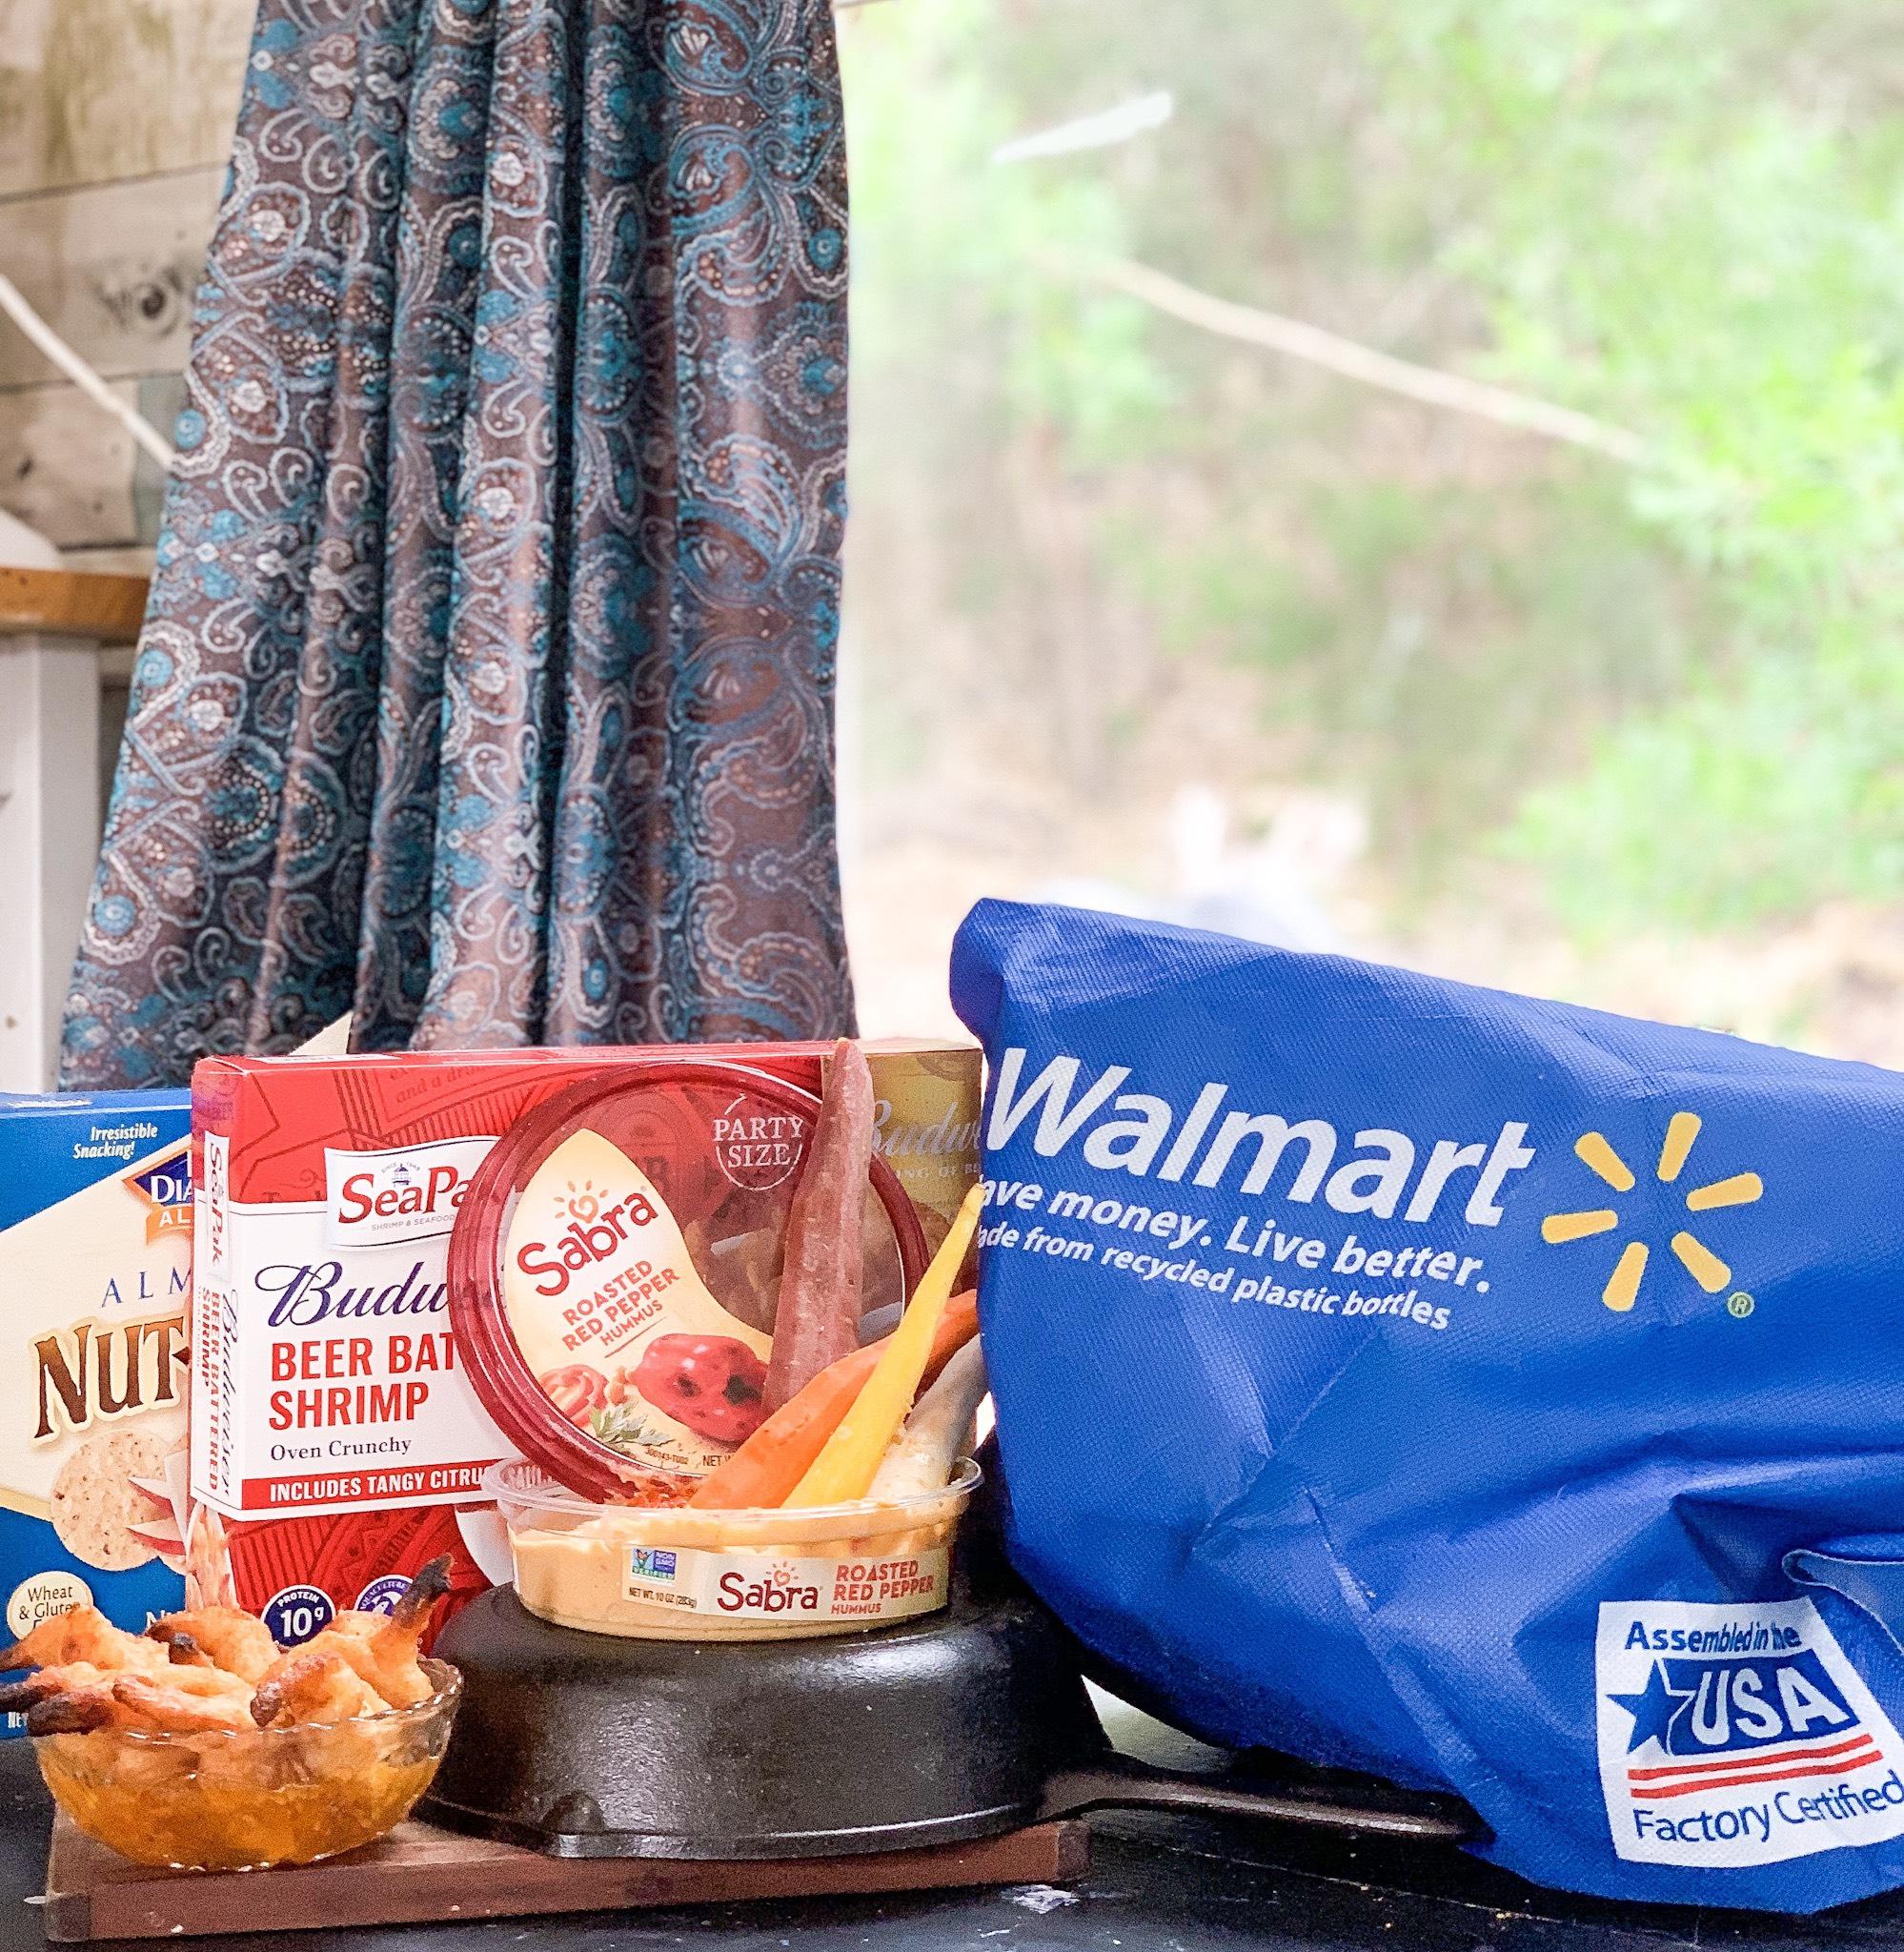 Walmart Sweepstakes.jpg